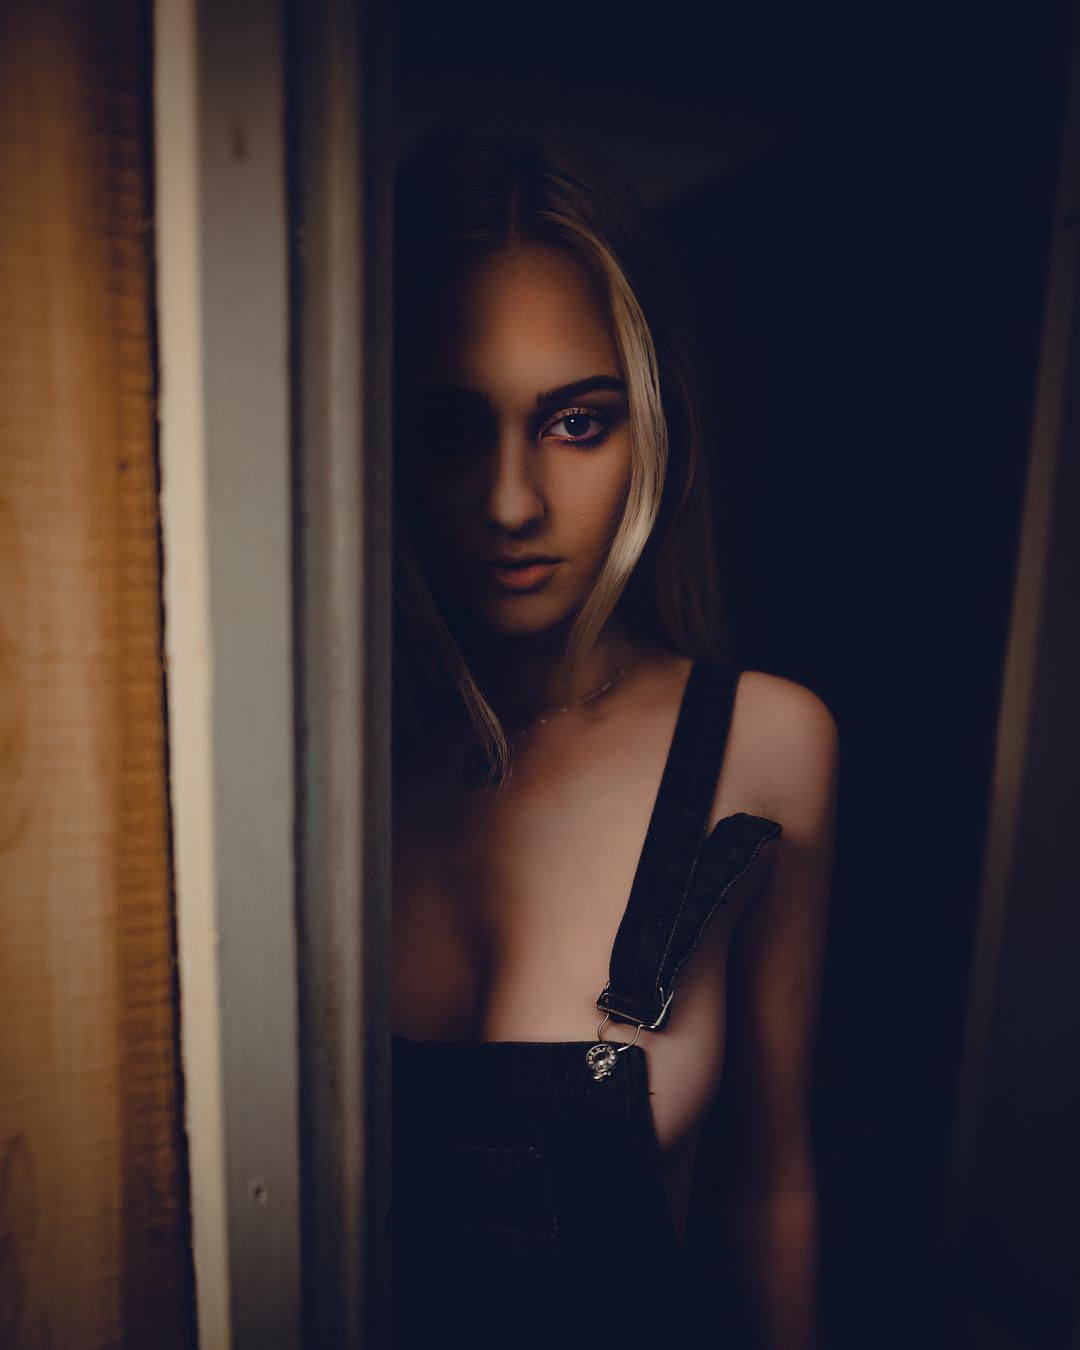 Чувственные снимки девушек от Бобби Кенни